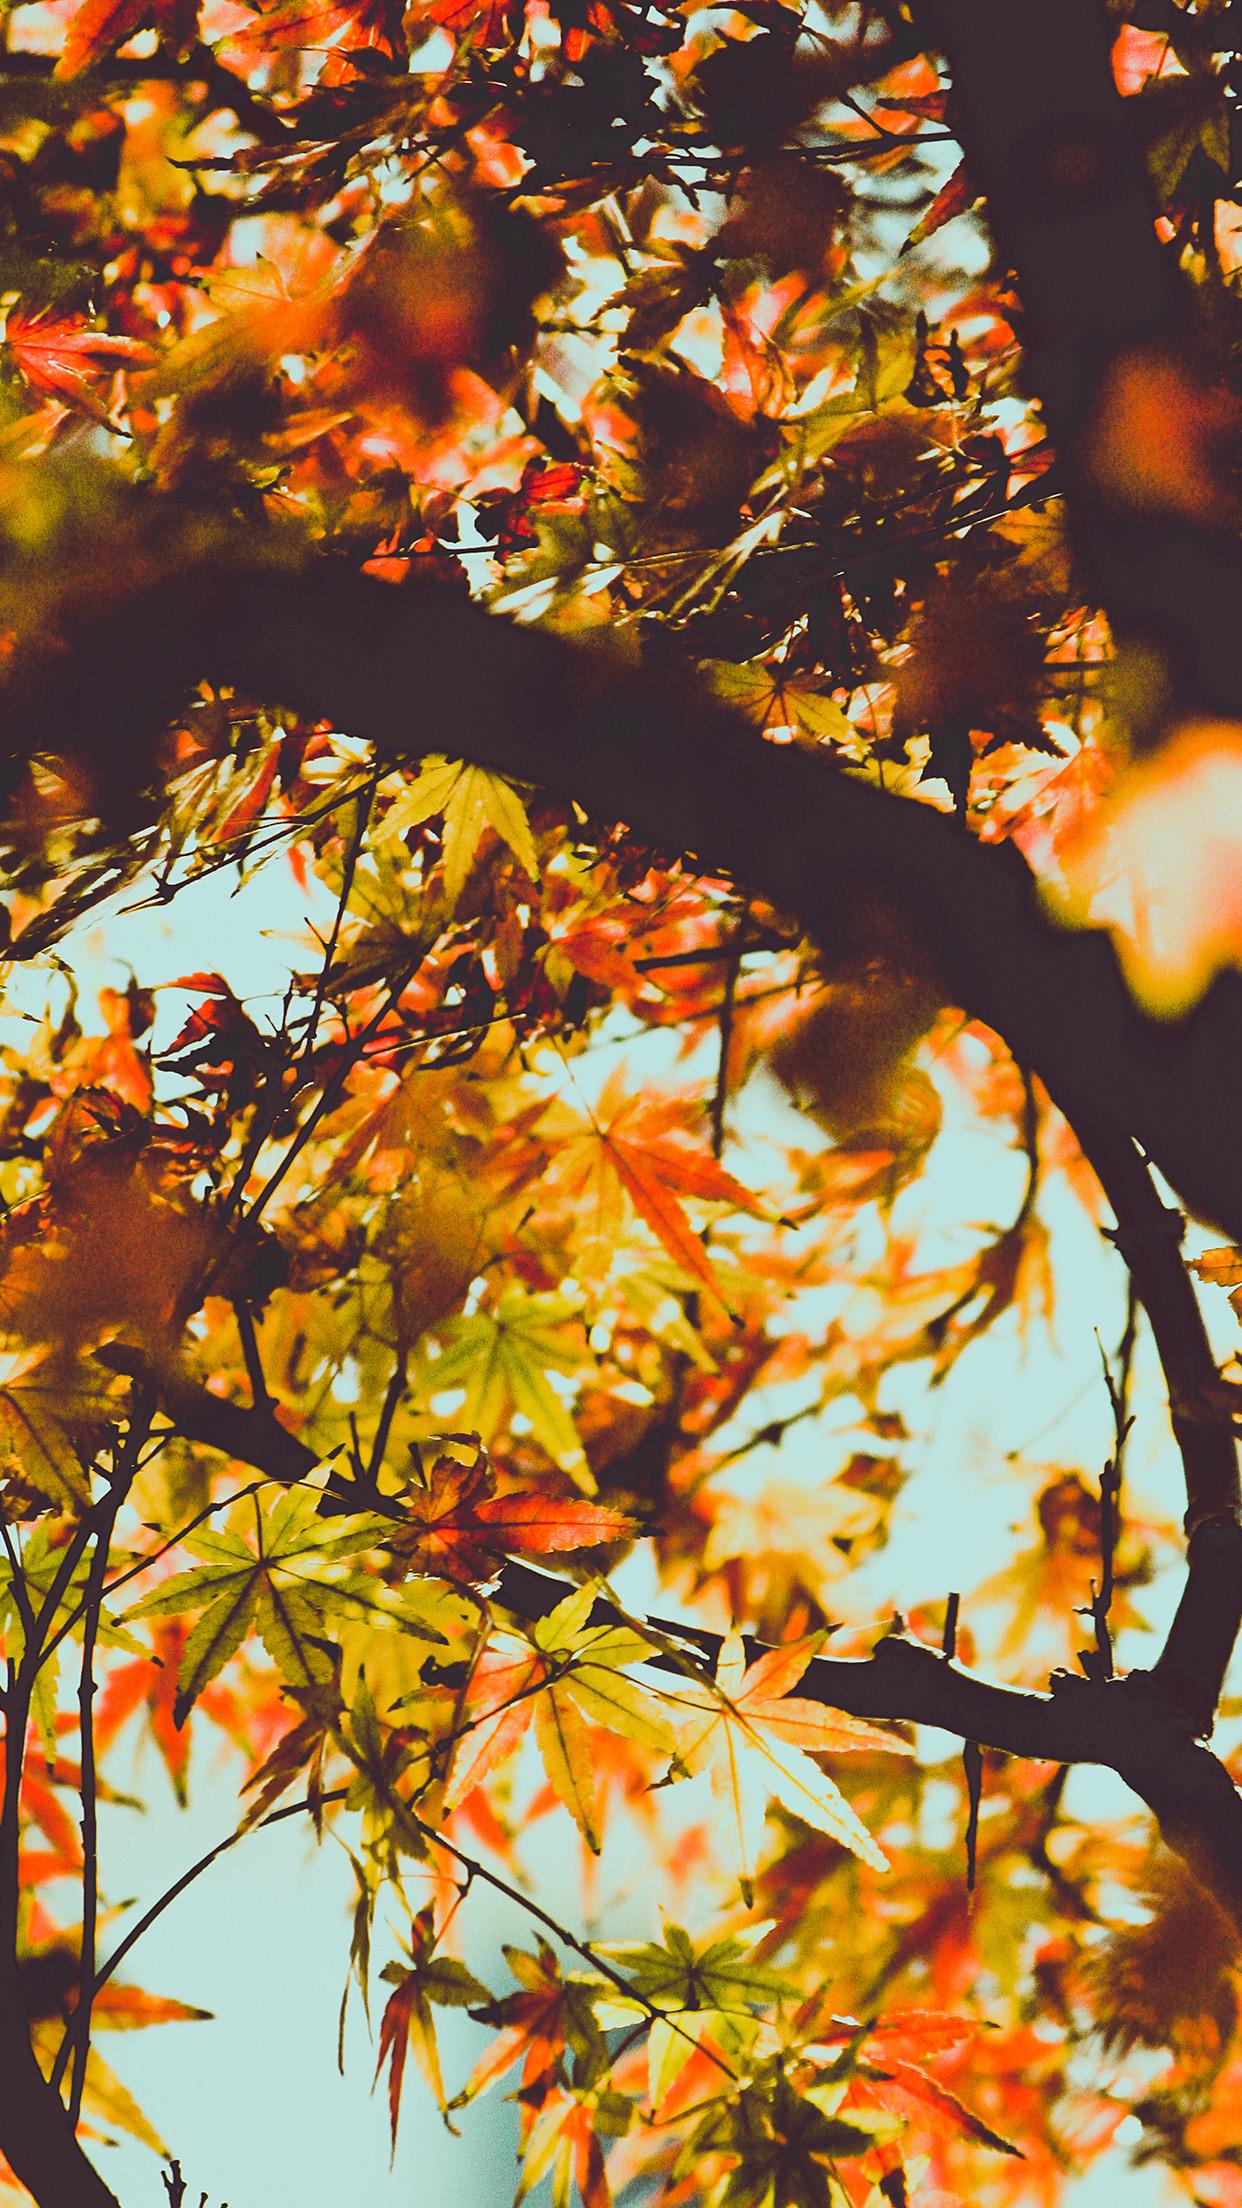 IPhone Wallpaper Mx12 Fall Tree Leaf Autumn